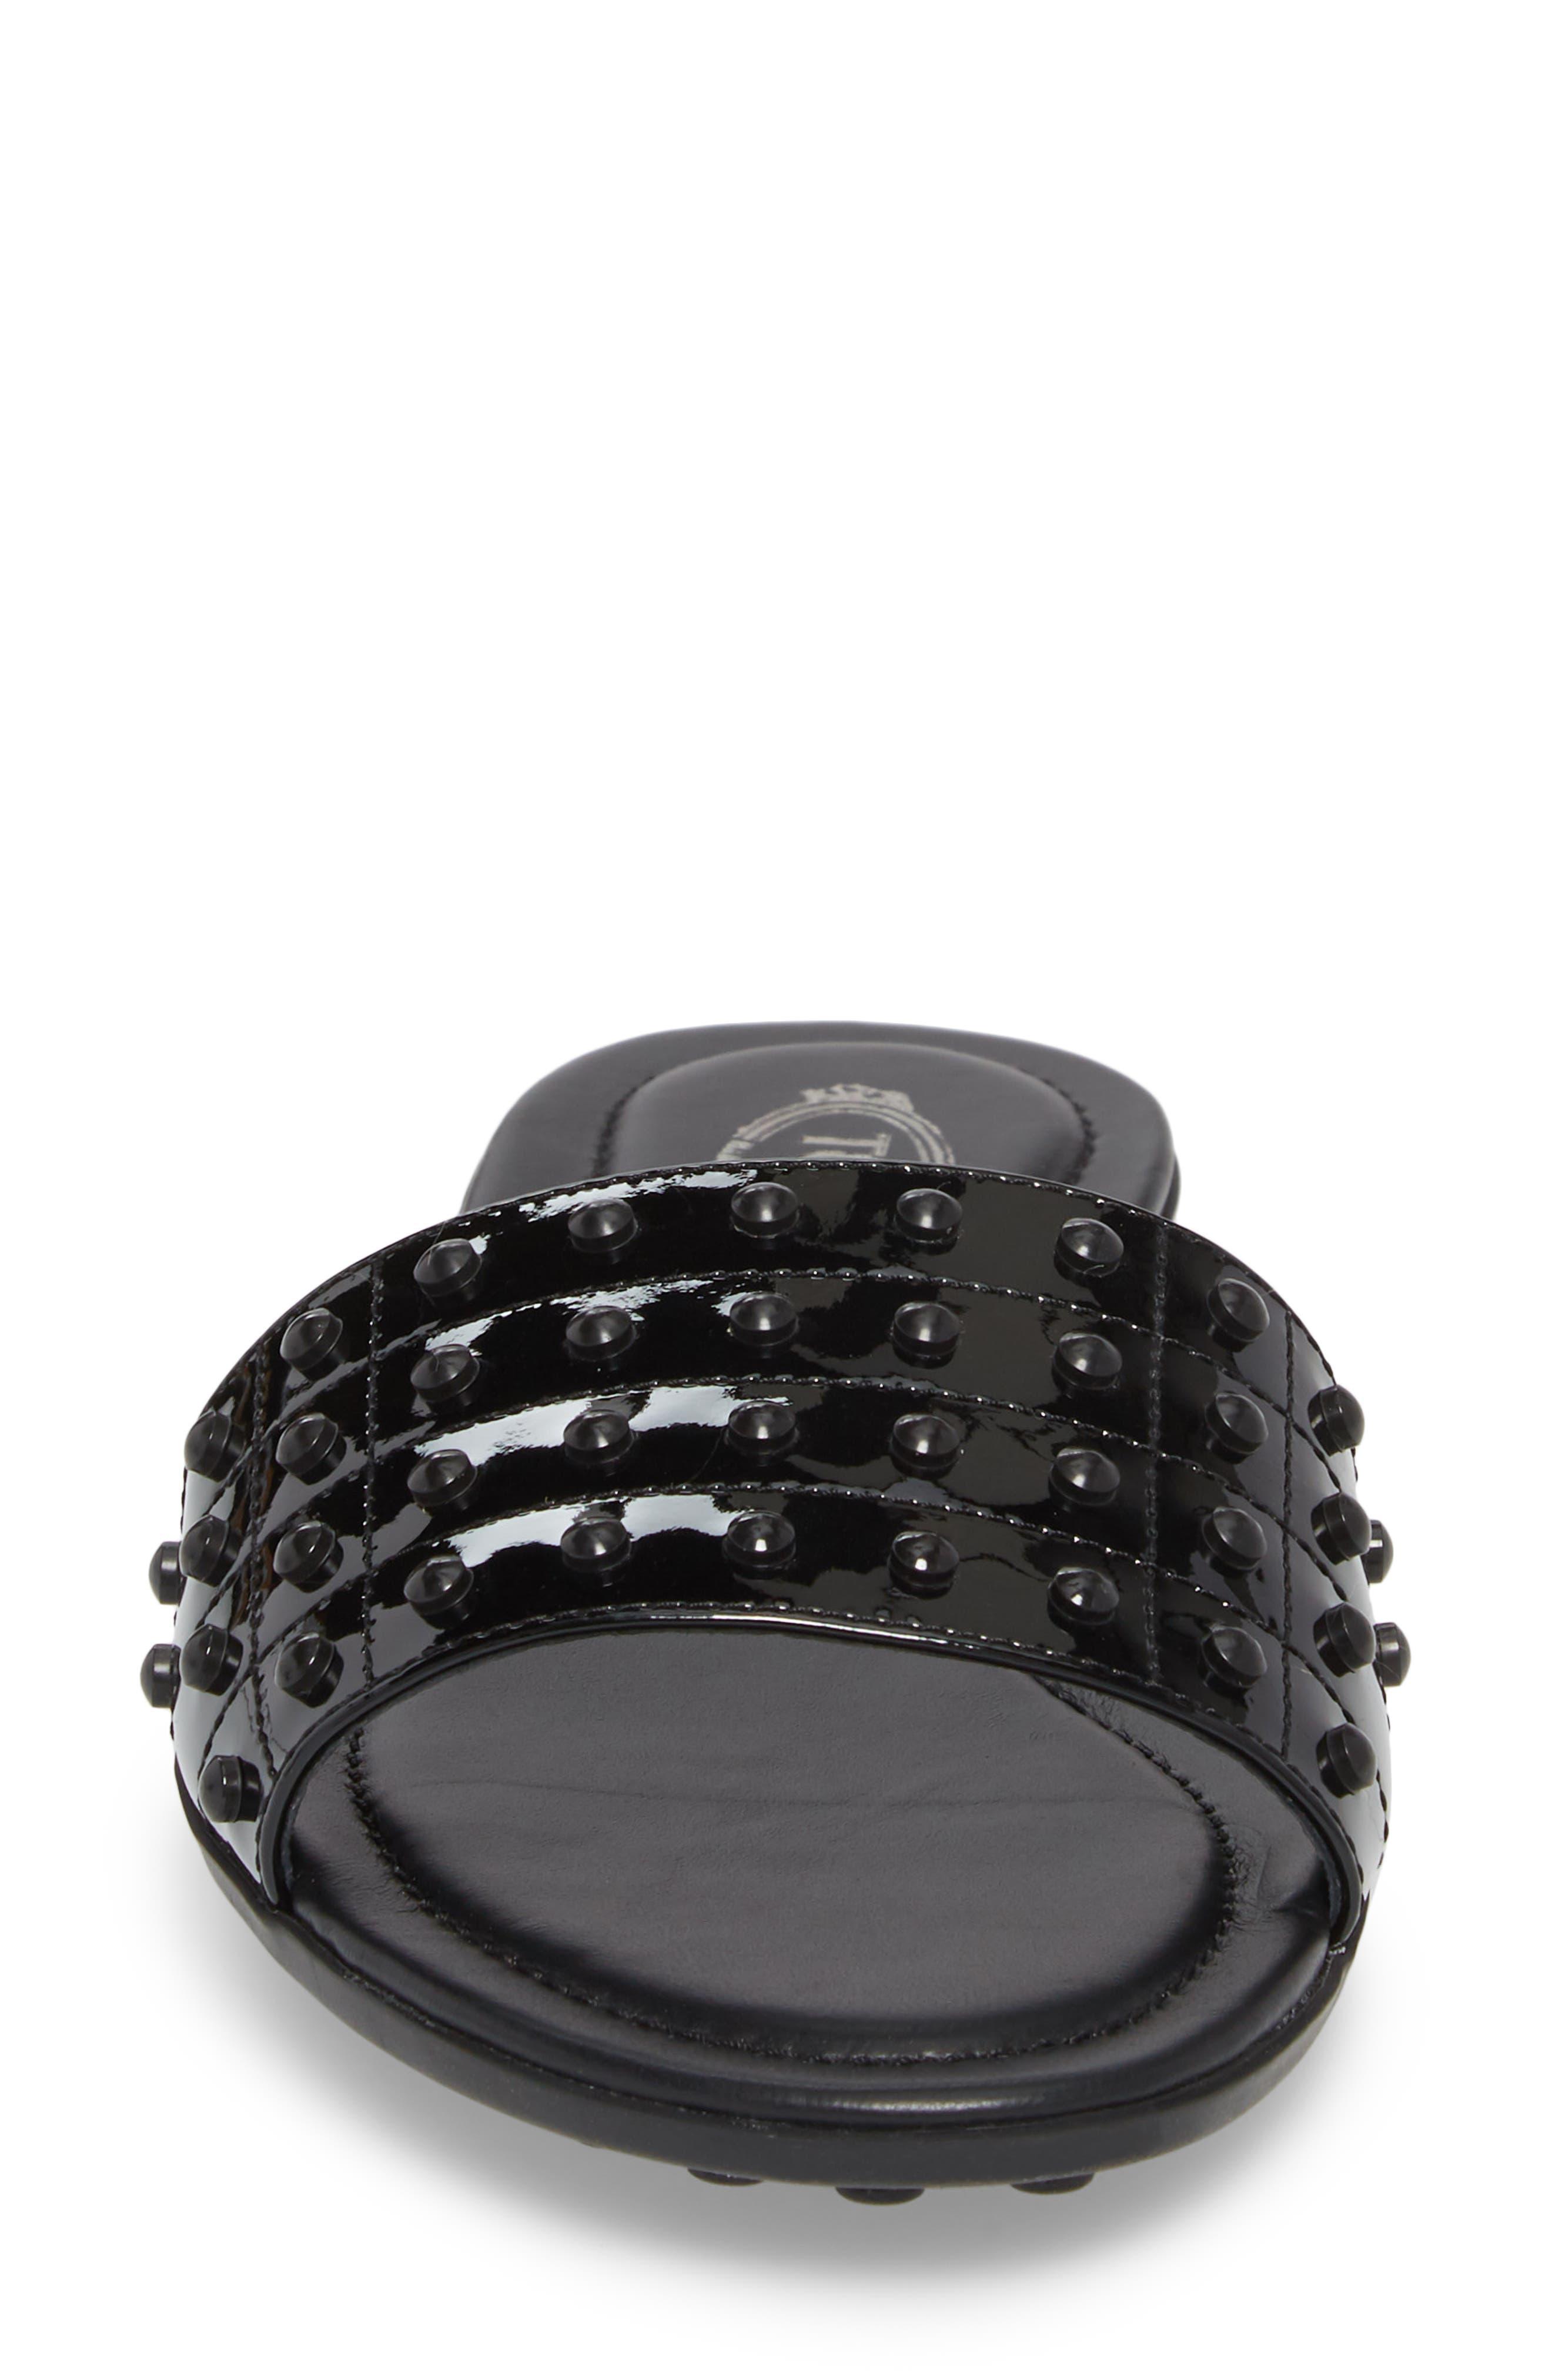 Gommini Slide Sandal,                             Alternate thumbnail 4, color,                             Black